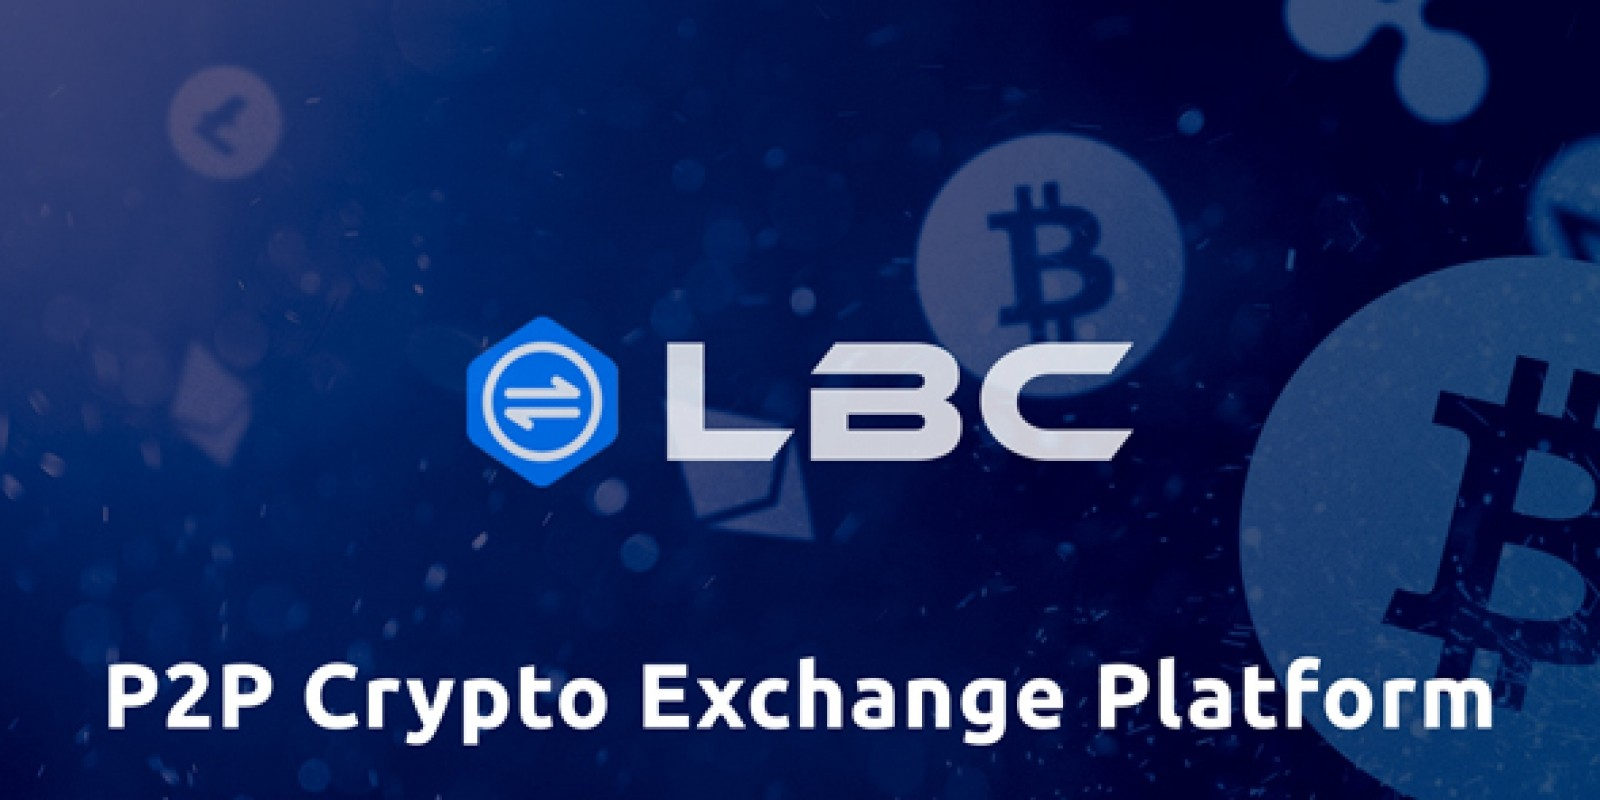 LBC - P2P Crypto Exchange Platform